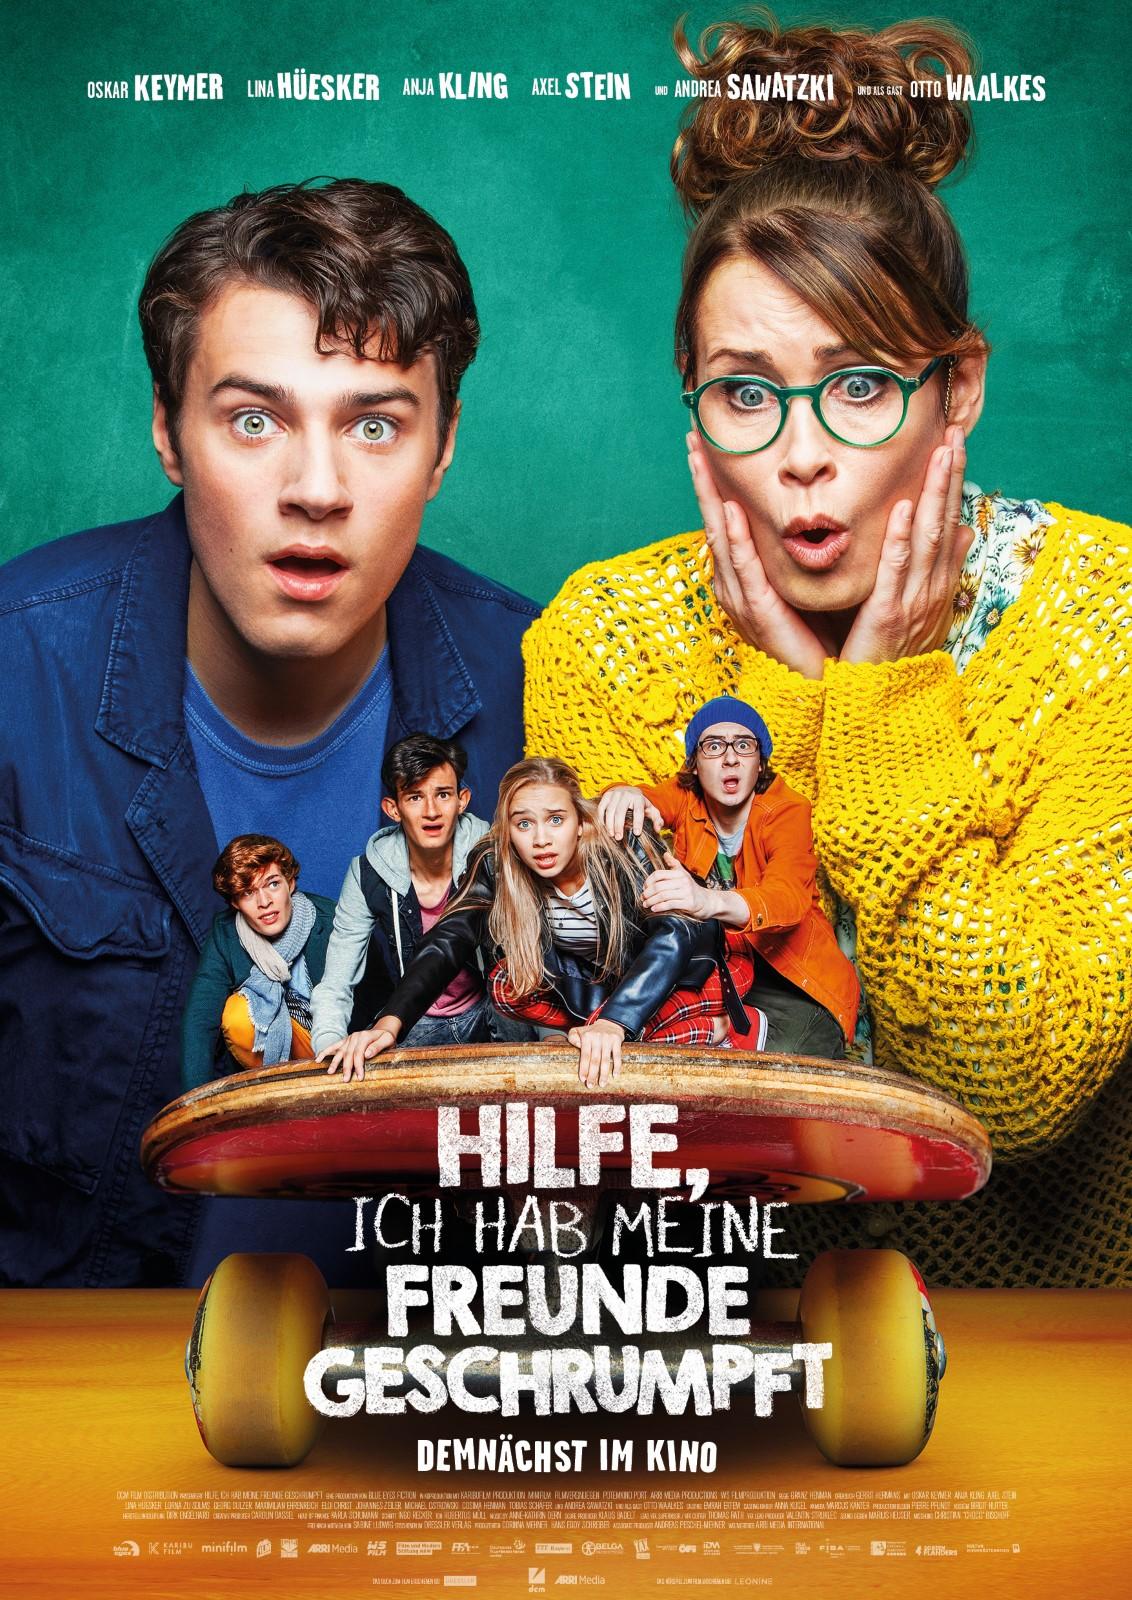 Hilfe, ich hab meine Freunde geschrumpft - Film 2021 - FILMSTARTS.de